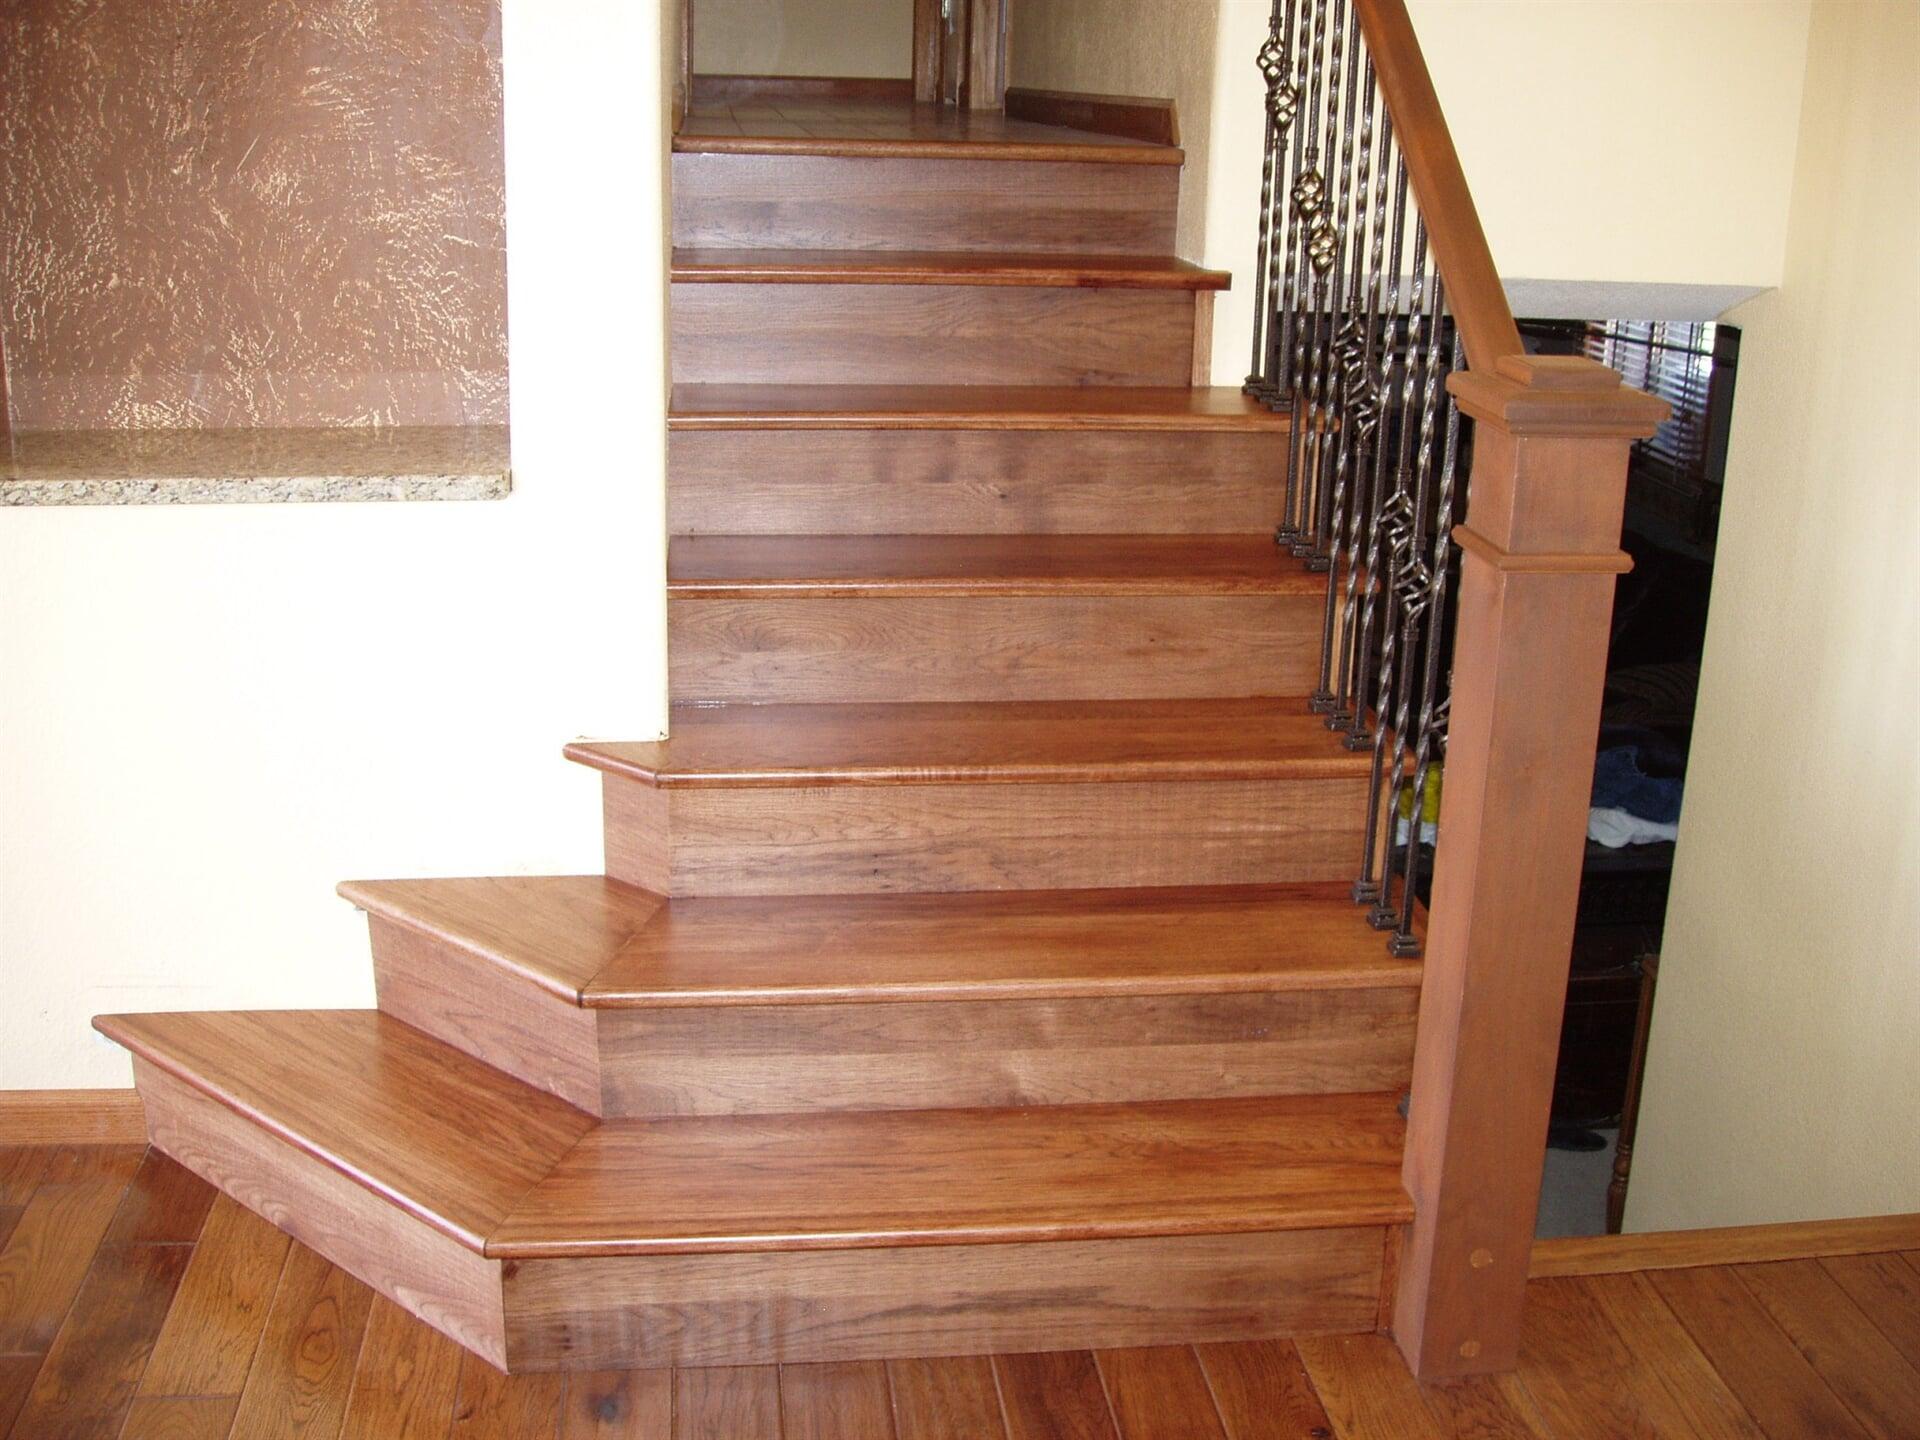 Hardwood stairs at Schmidt Custom Floors in Windsor, CO